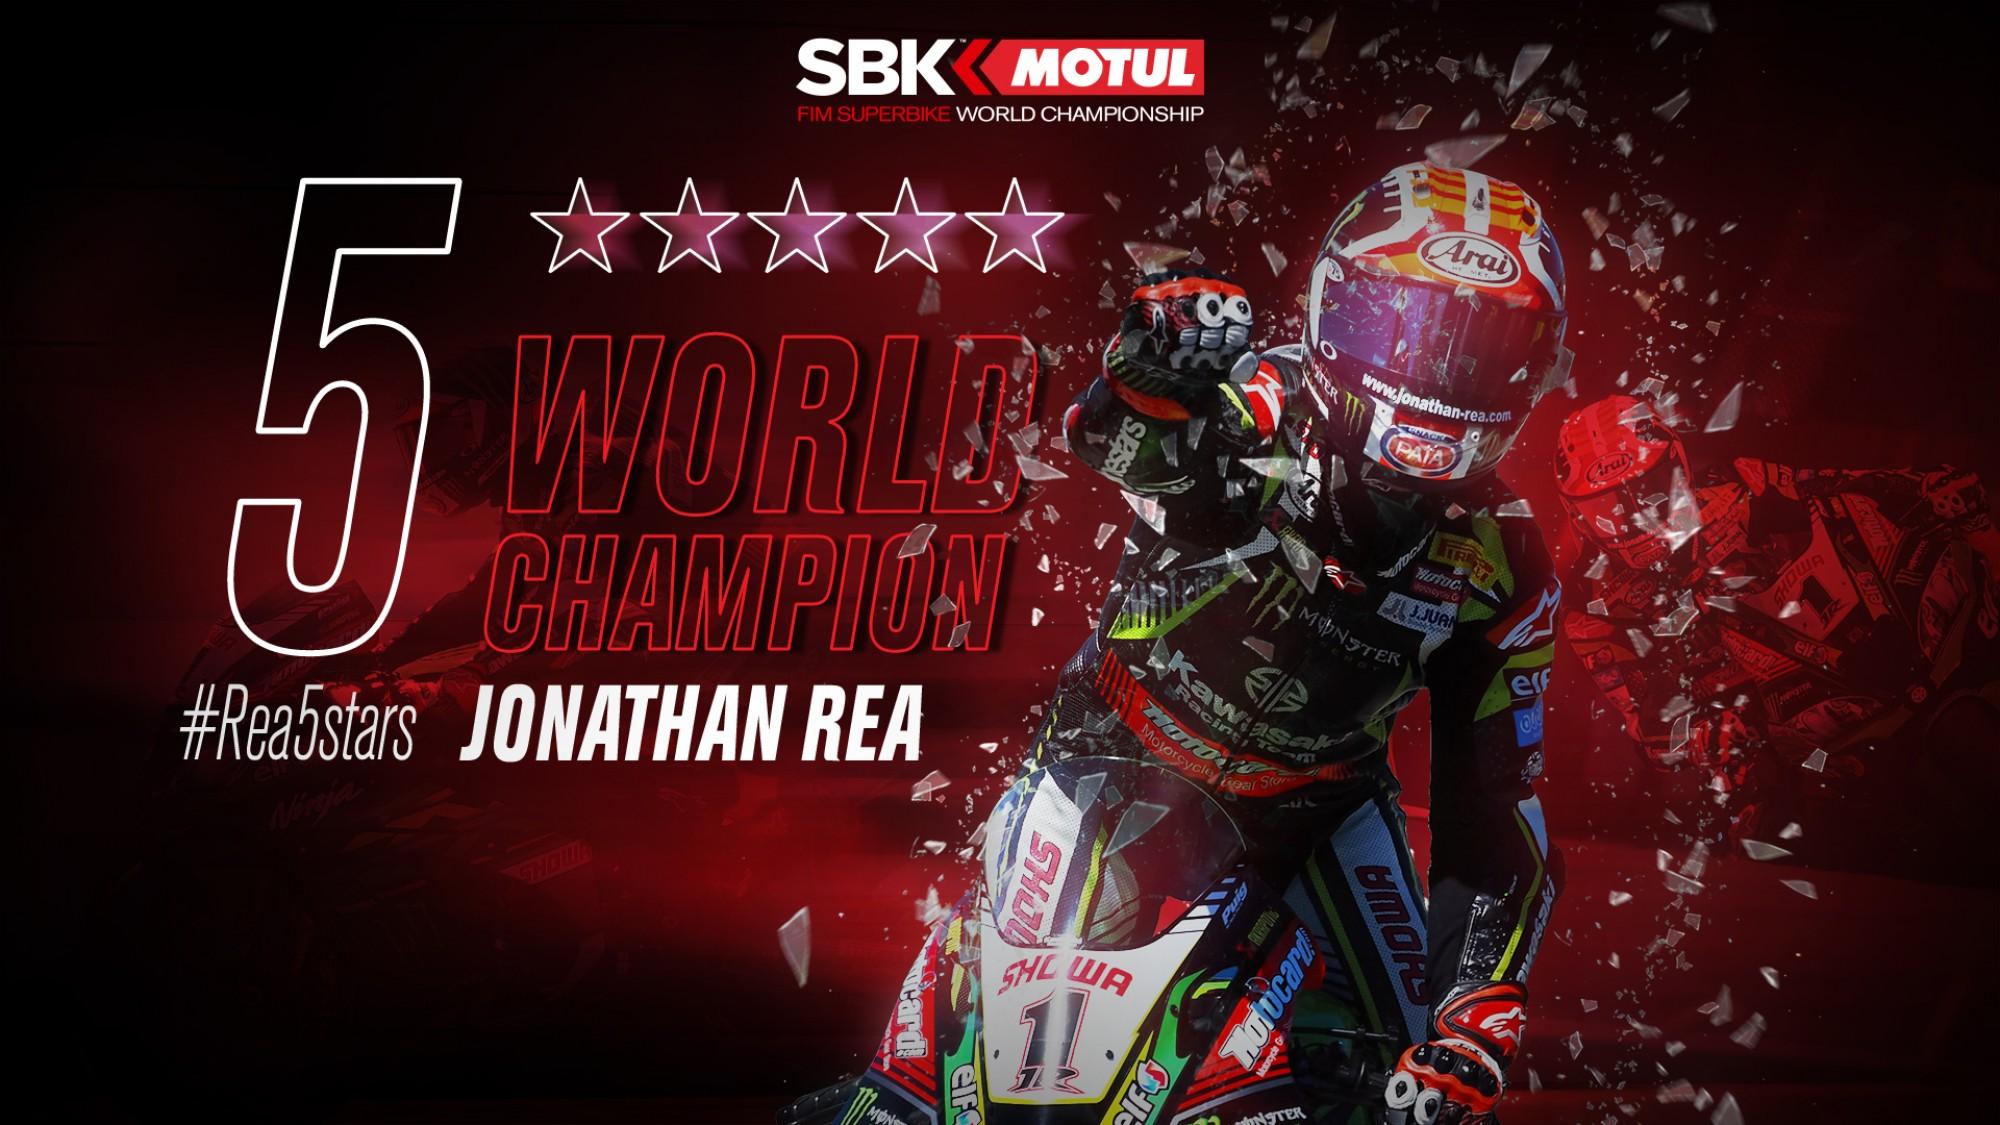 WSBK 2019: Джонатан Рэй досрочно стал чемпионом мира!